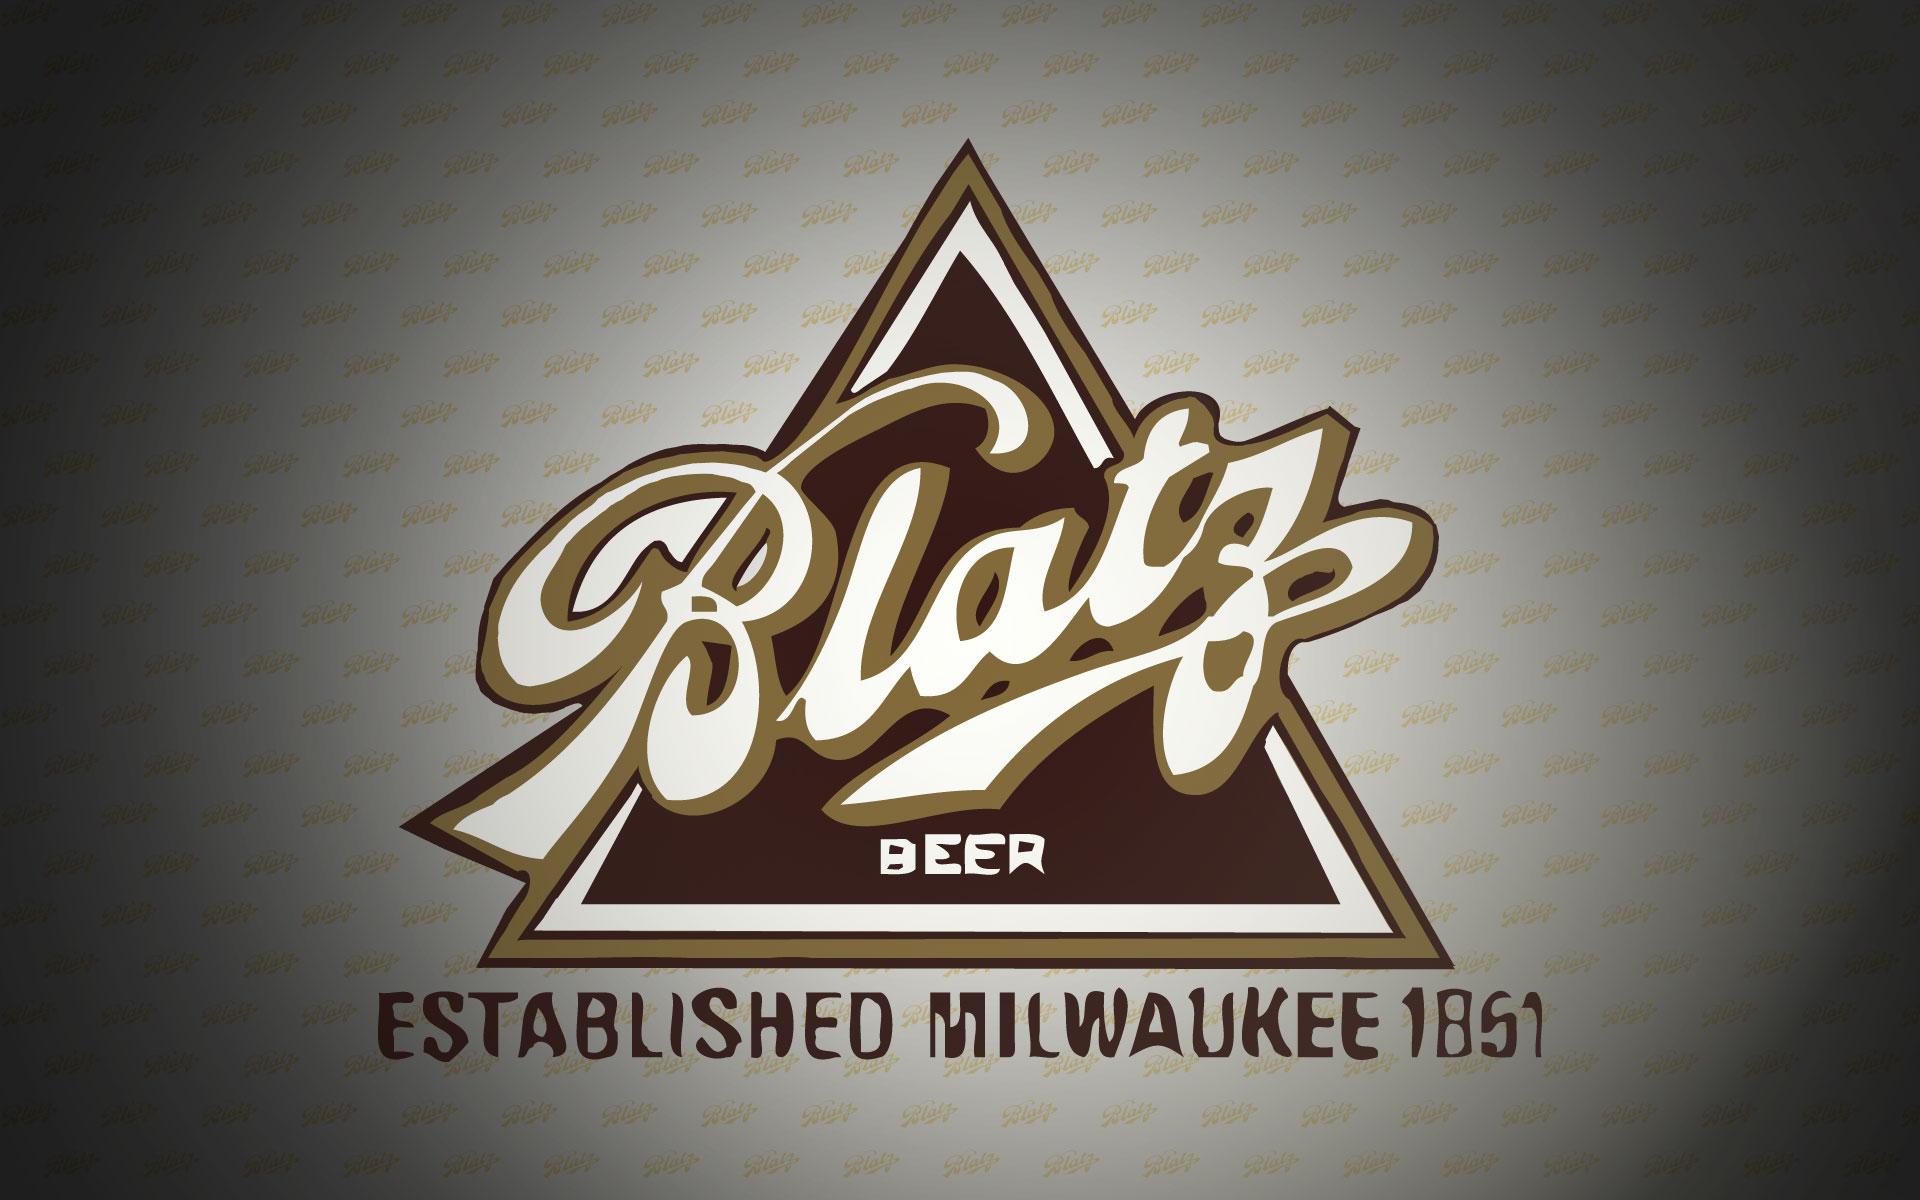 Blatz Beer Alcohol wallpaper | 1920x1200 | 64135 | WallpaperUP | 1920 x 1200 jpeg 240kB